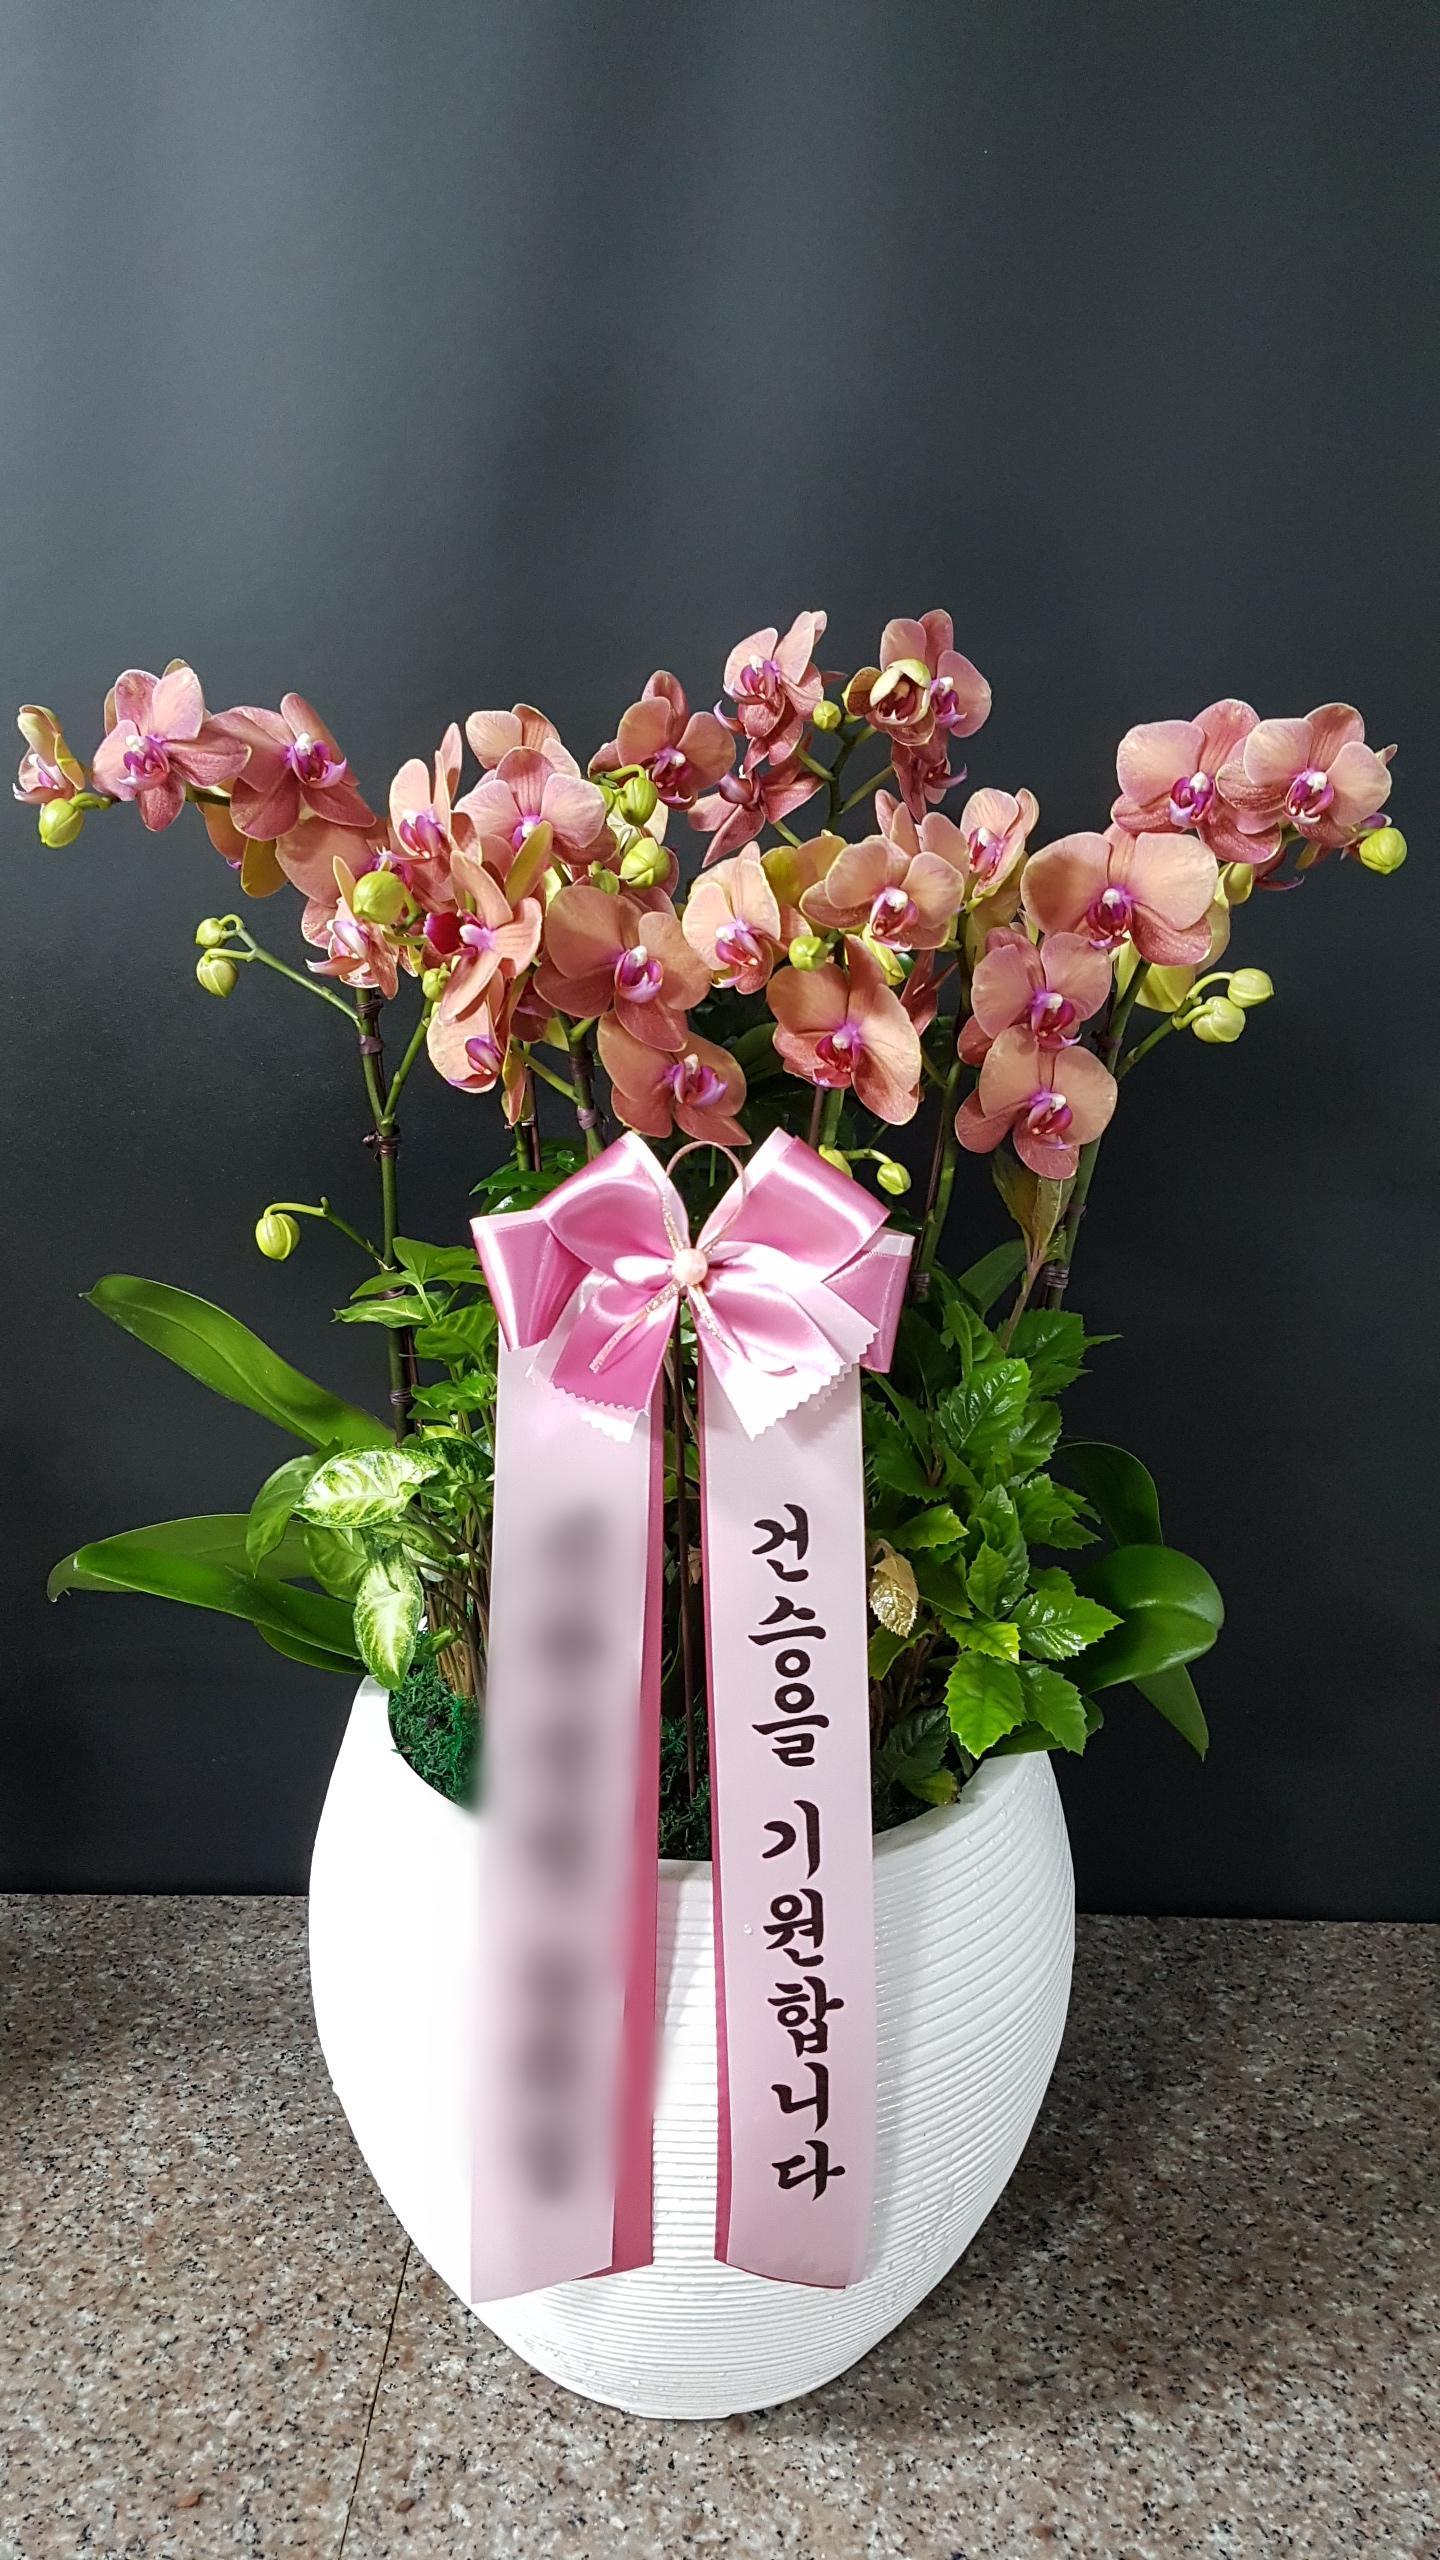 주문자 송ㅇㅇ 서울 중구로 배송된 상품사진입니다